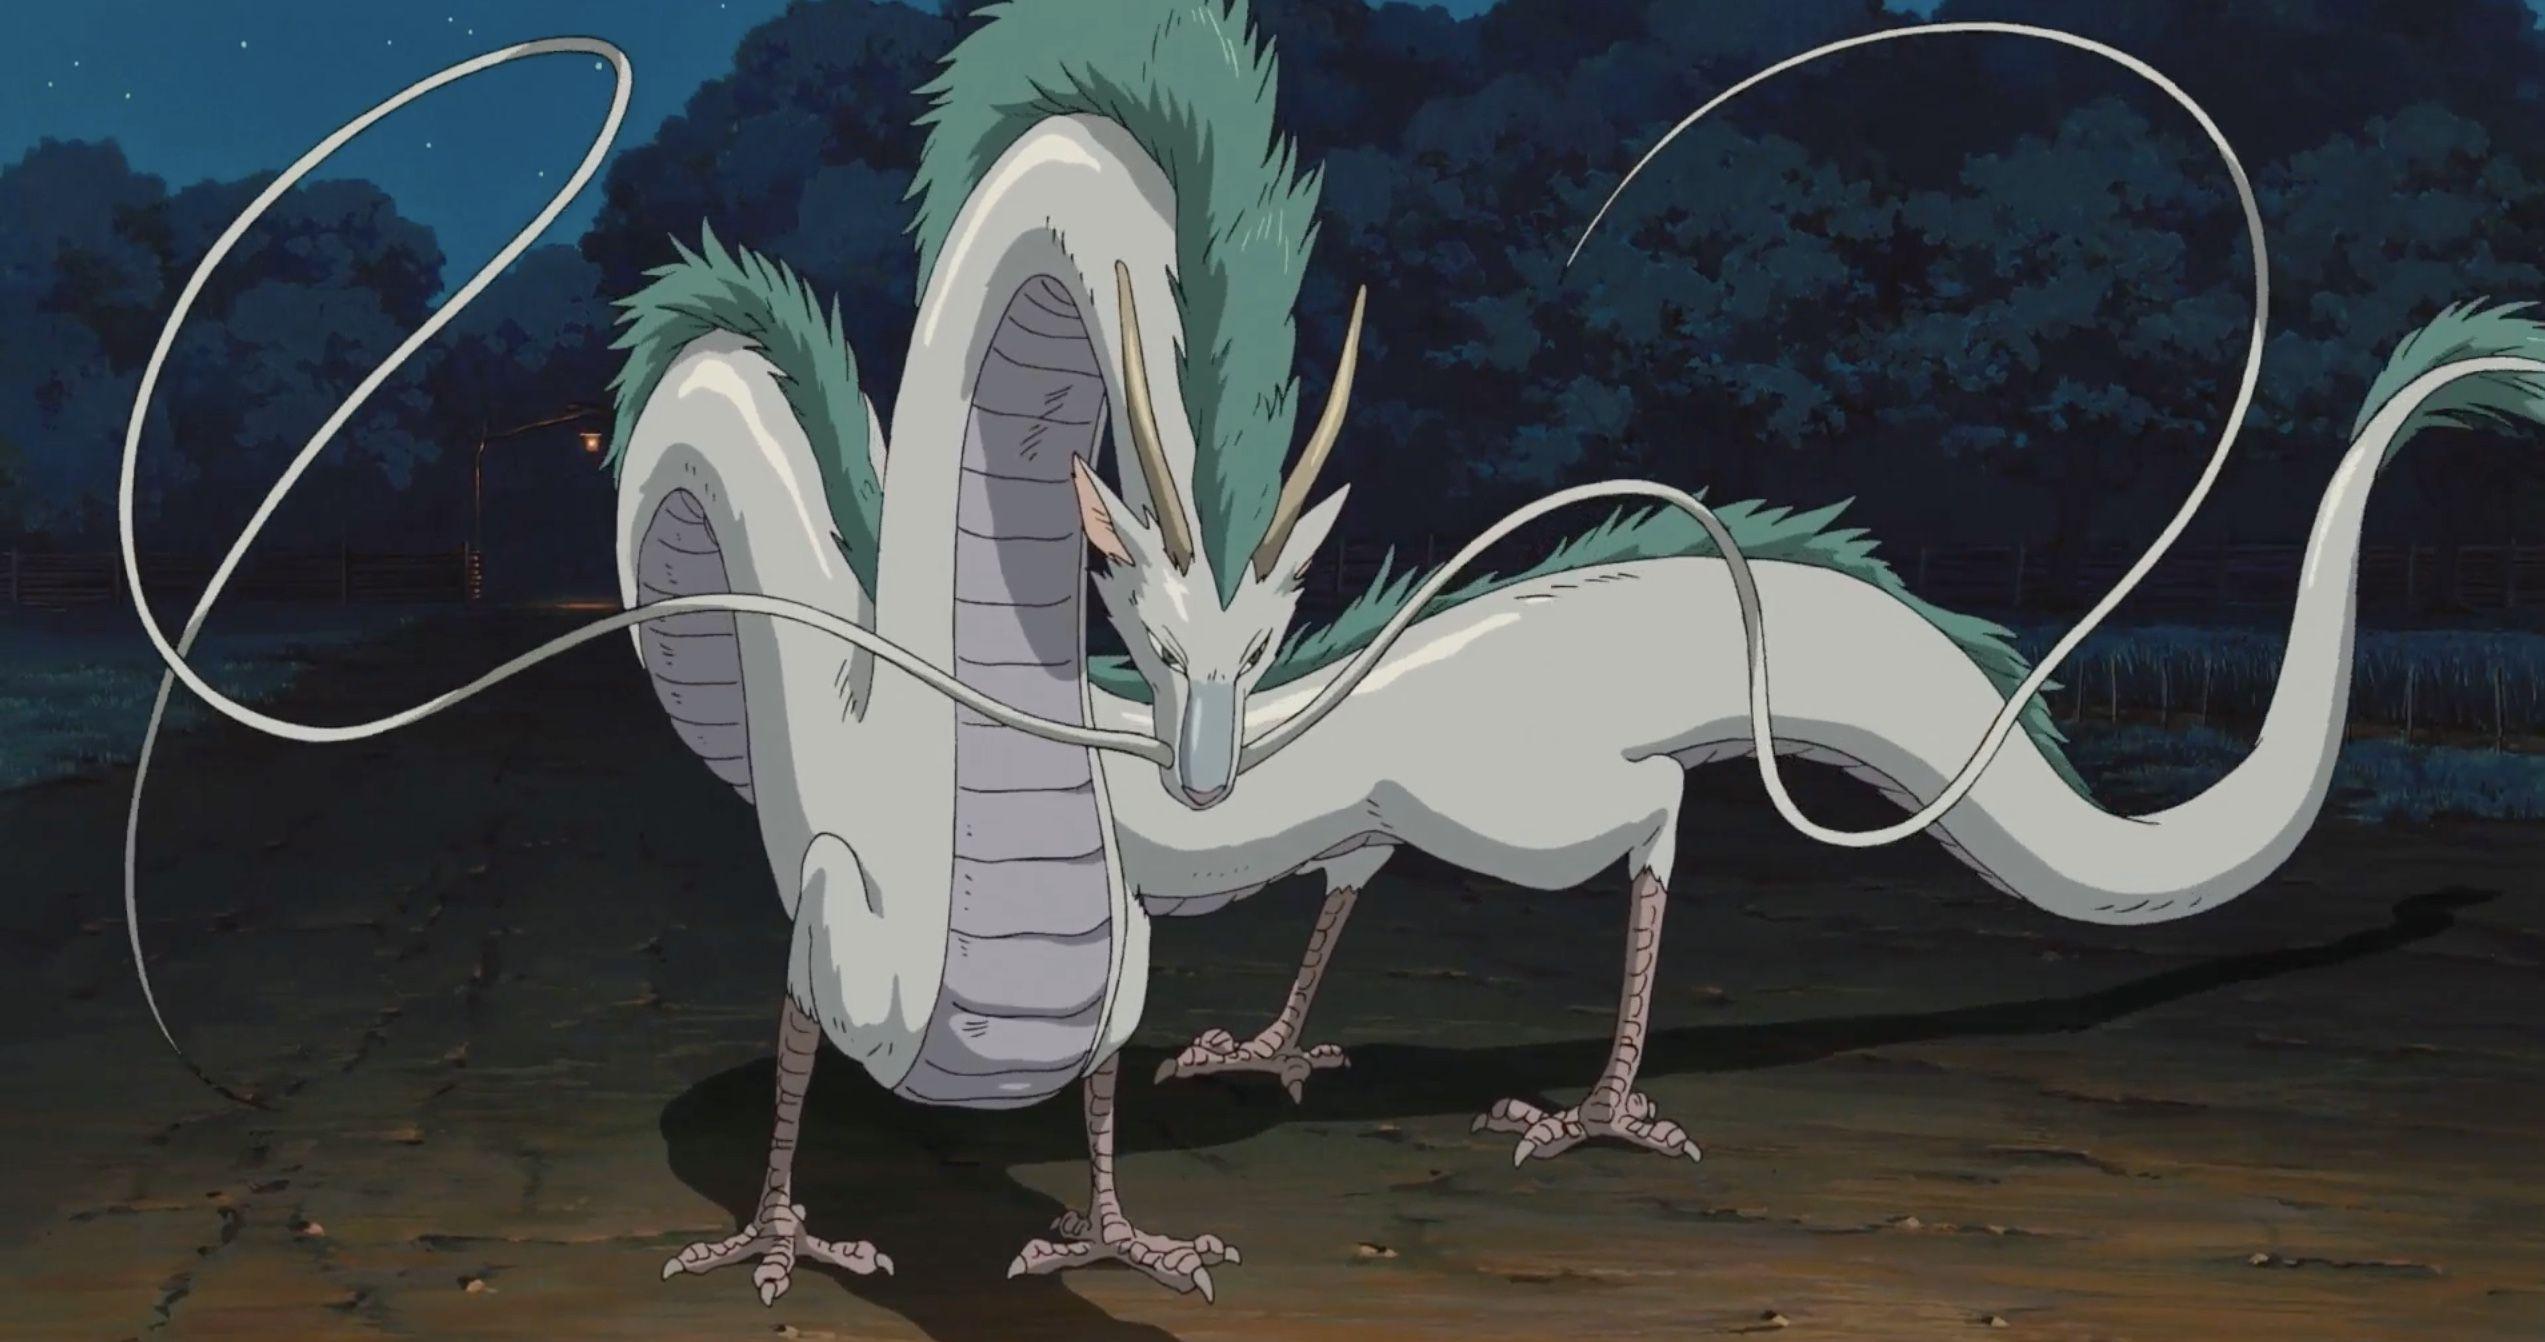 Haku From Spirited Away Spirited Away Dragon Spirited Away Haku Ghibli Art